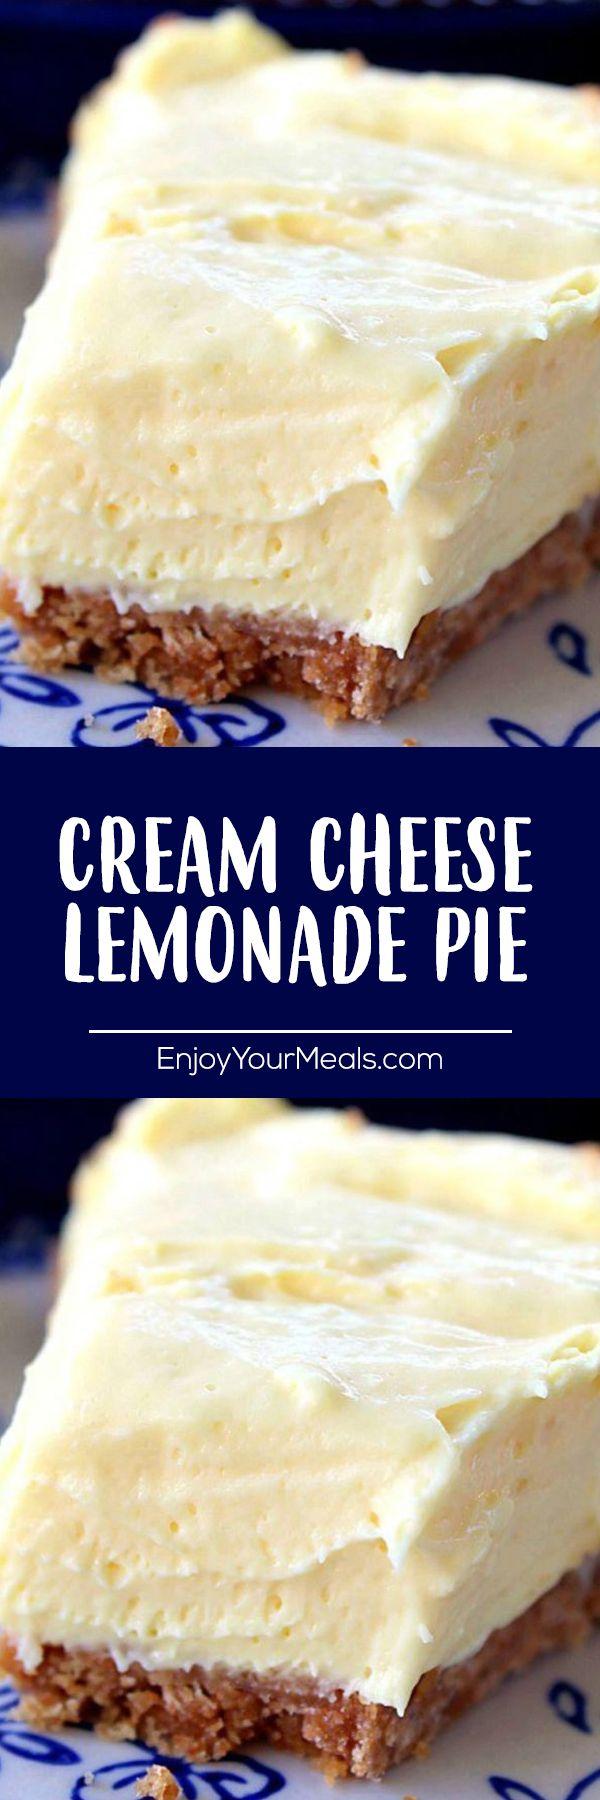 CREAM CHEESE LEMONADE PIE!!!